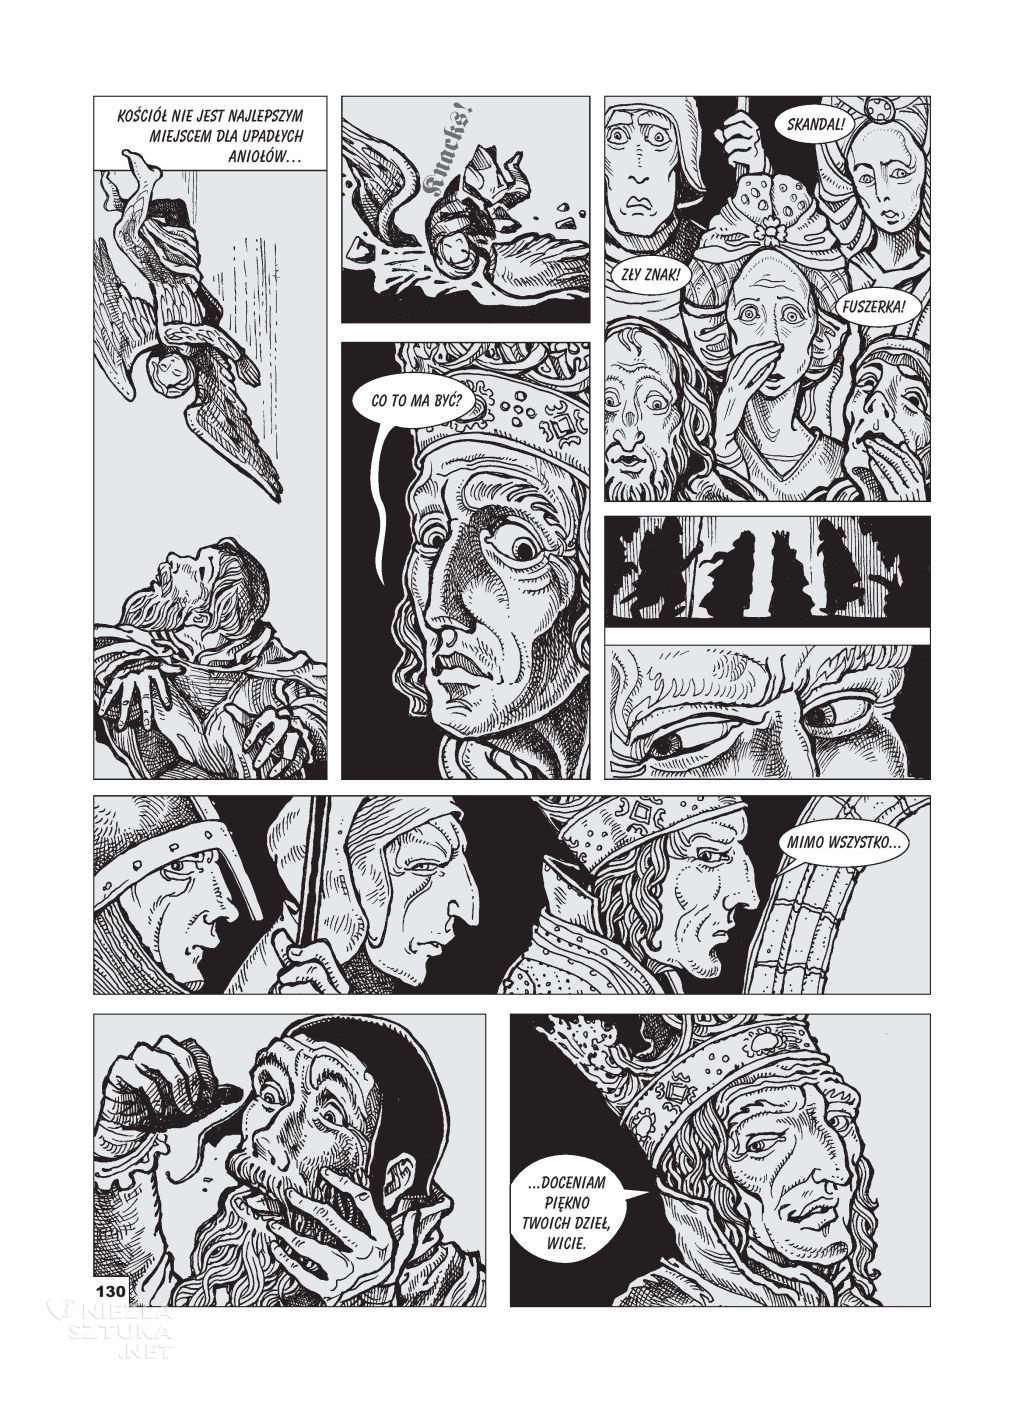 16_oltarz-page-010